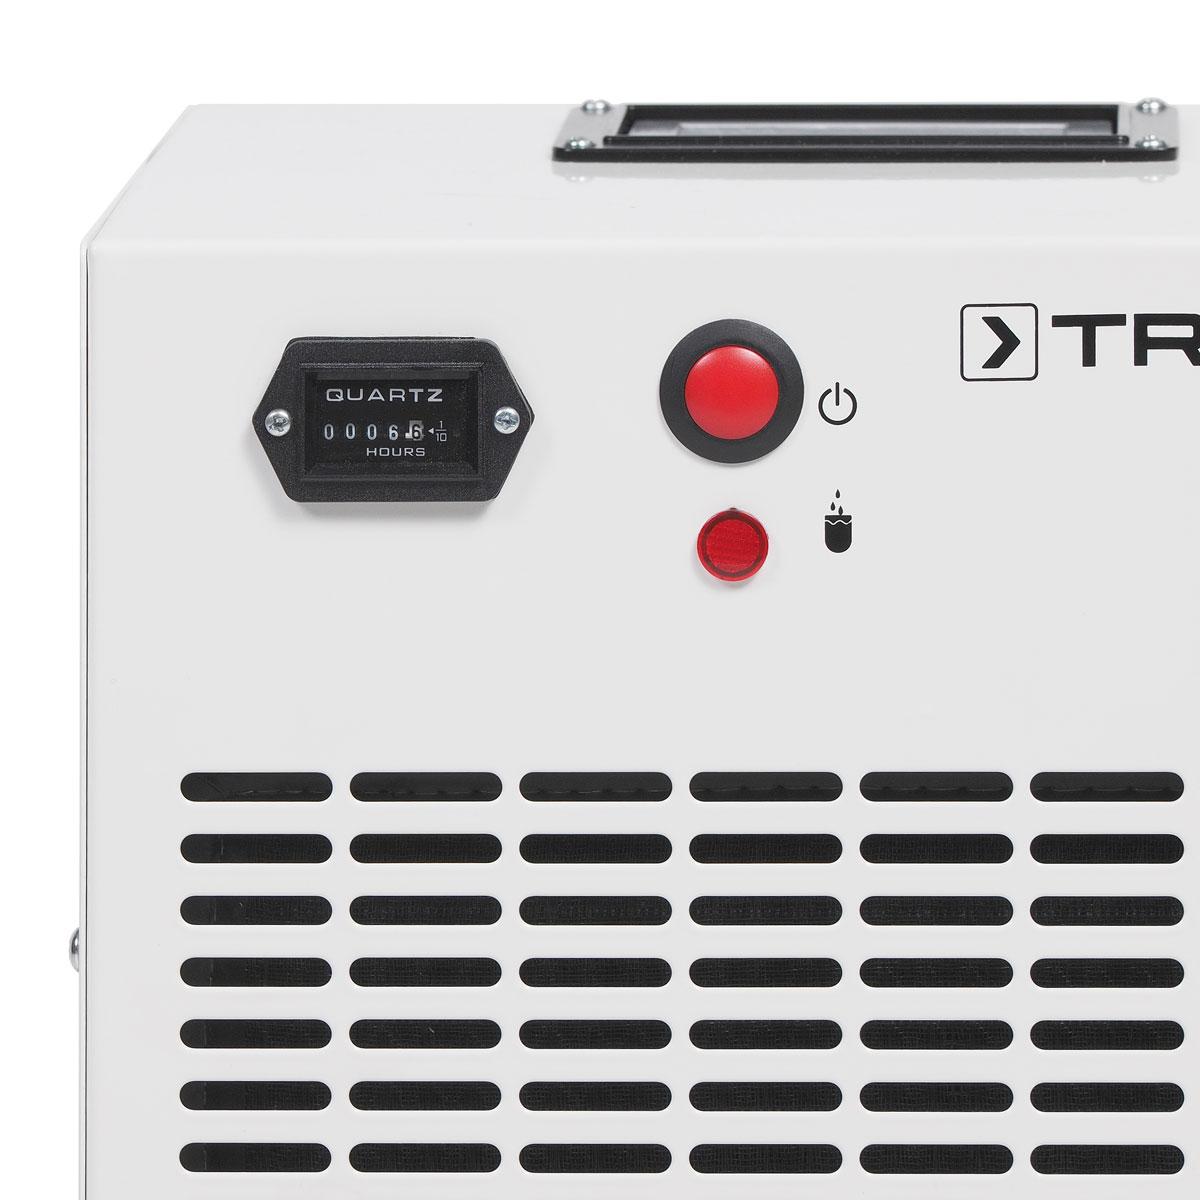 Panel del deshumidificador trotec TTK 75 ECO